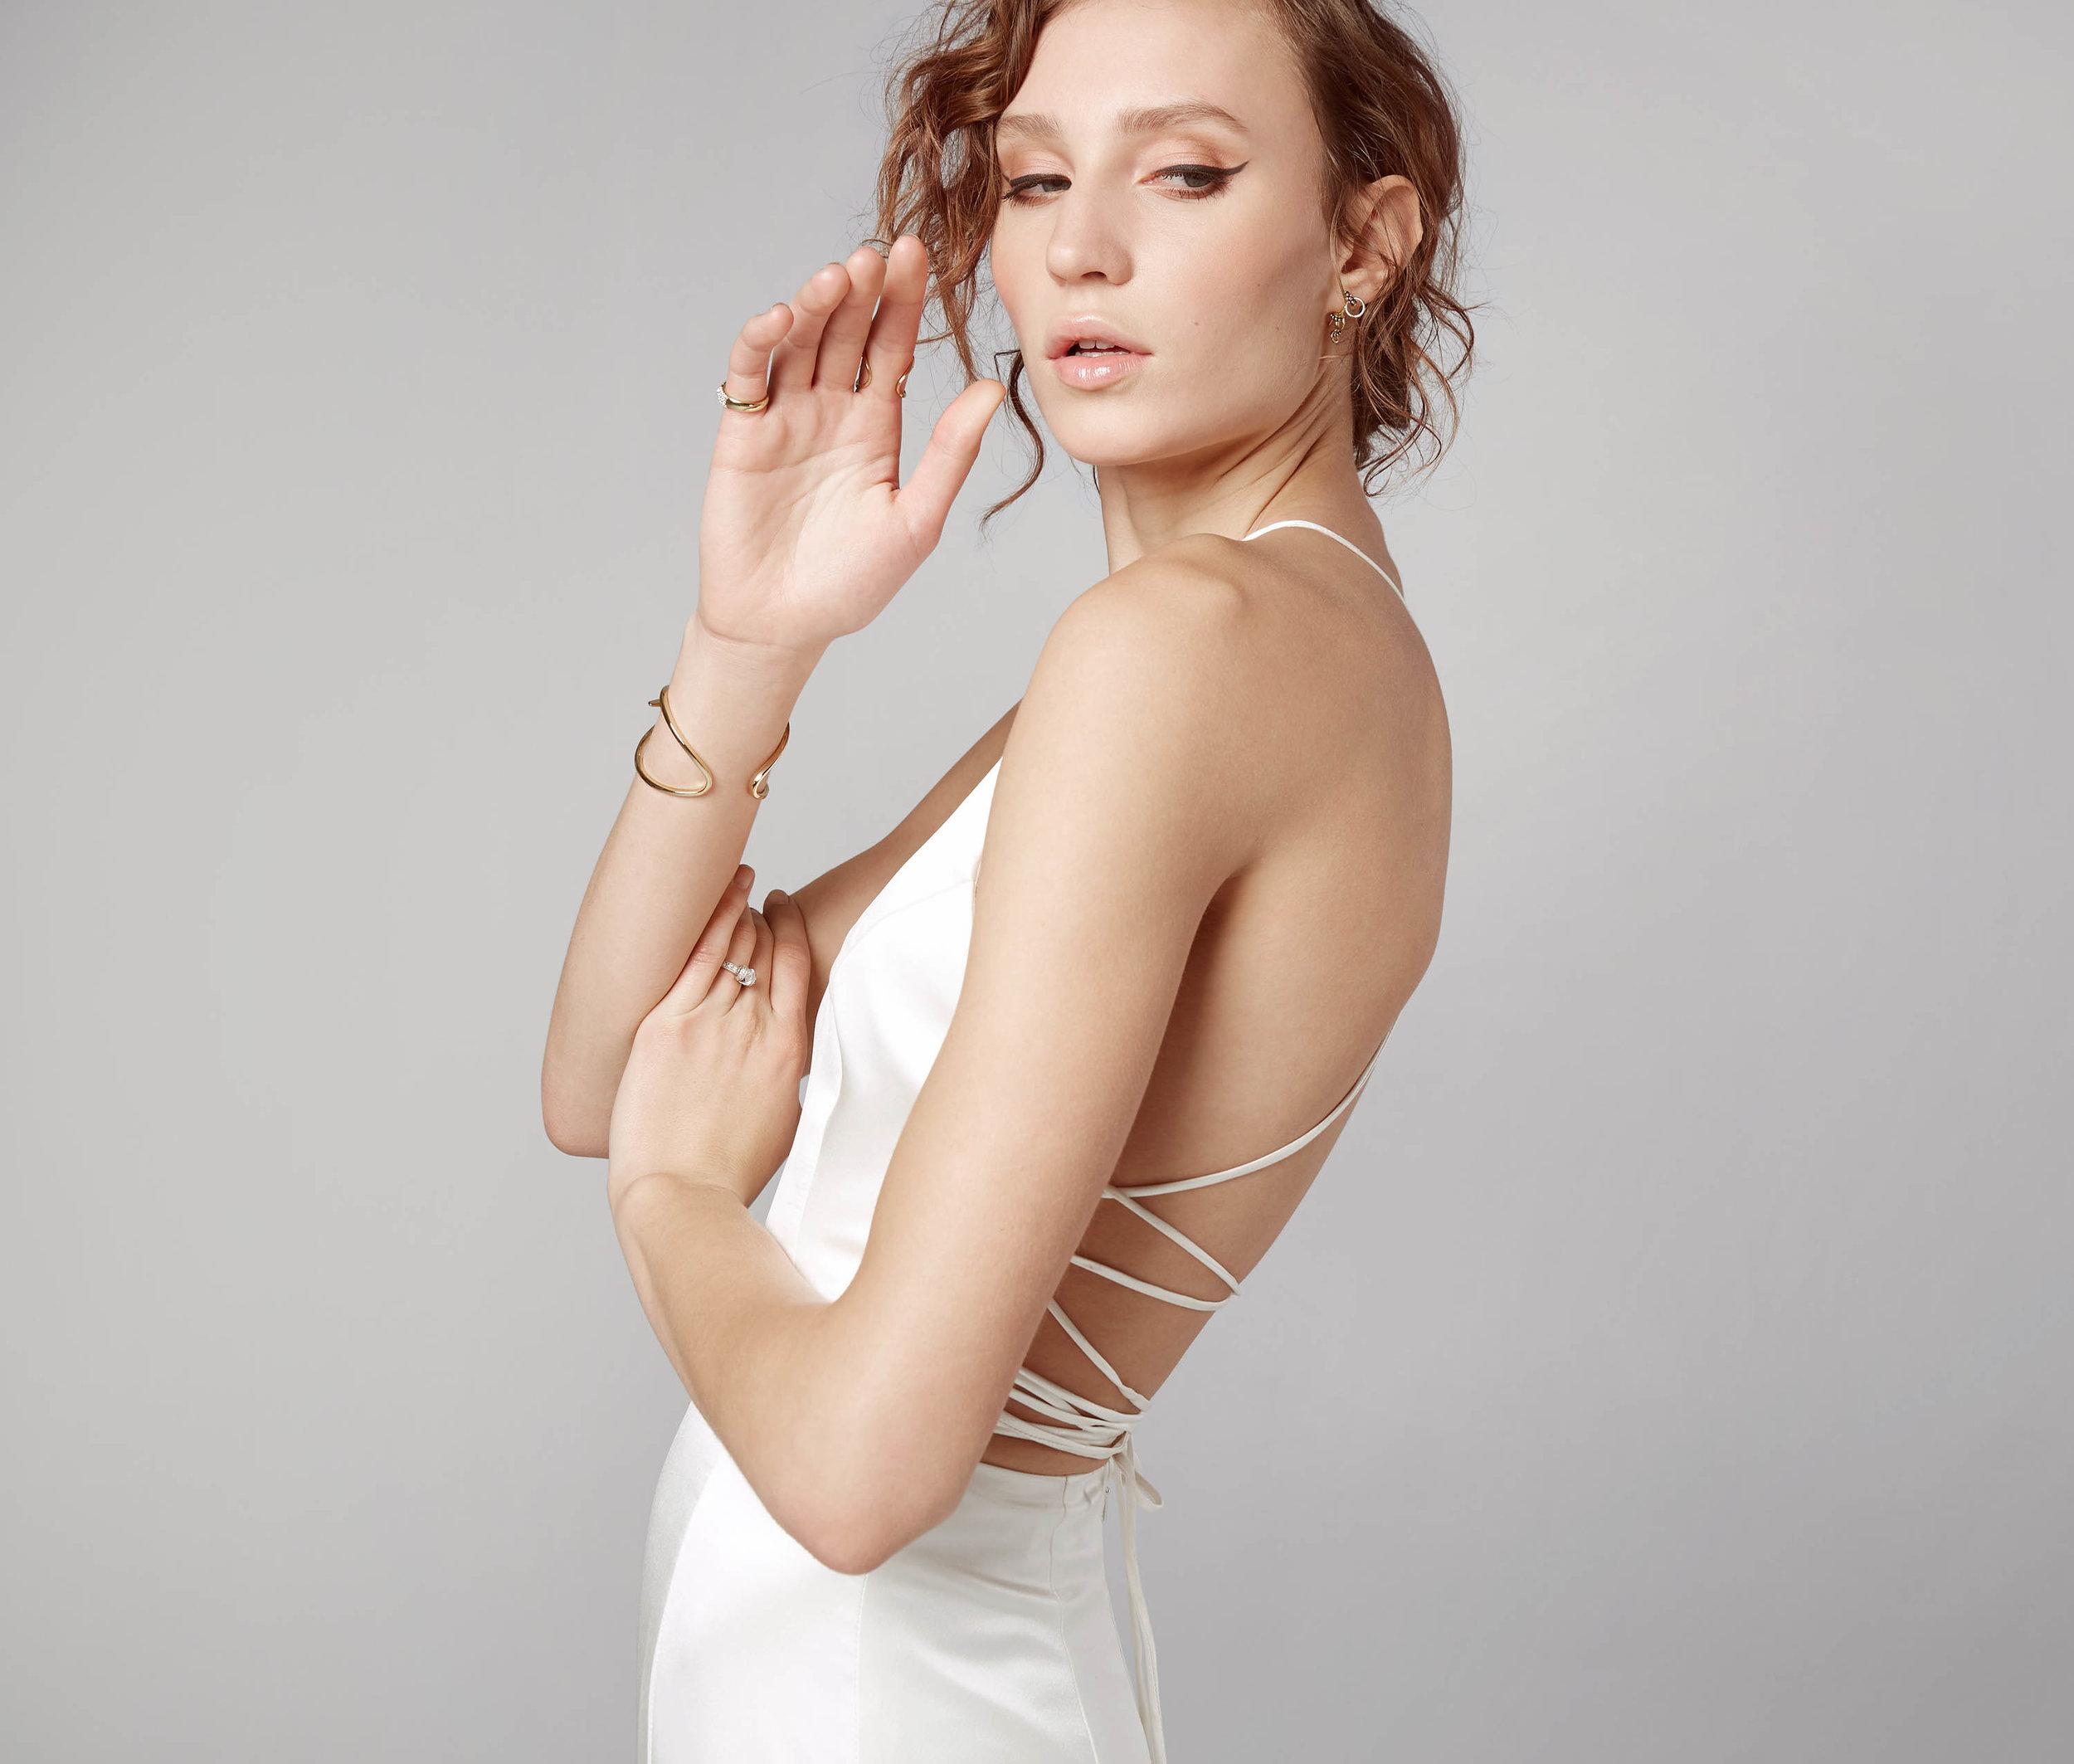 Wedding Dress Designer | Fame & Partner Victoria Gown | Love Find Co.